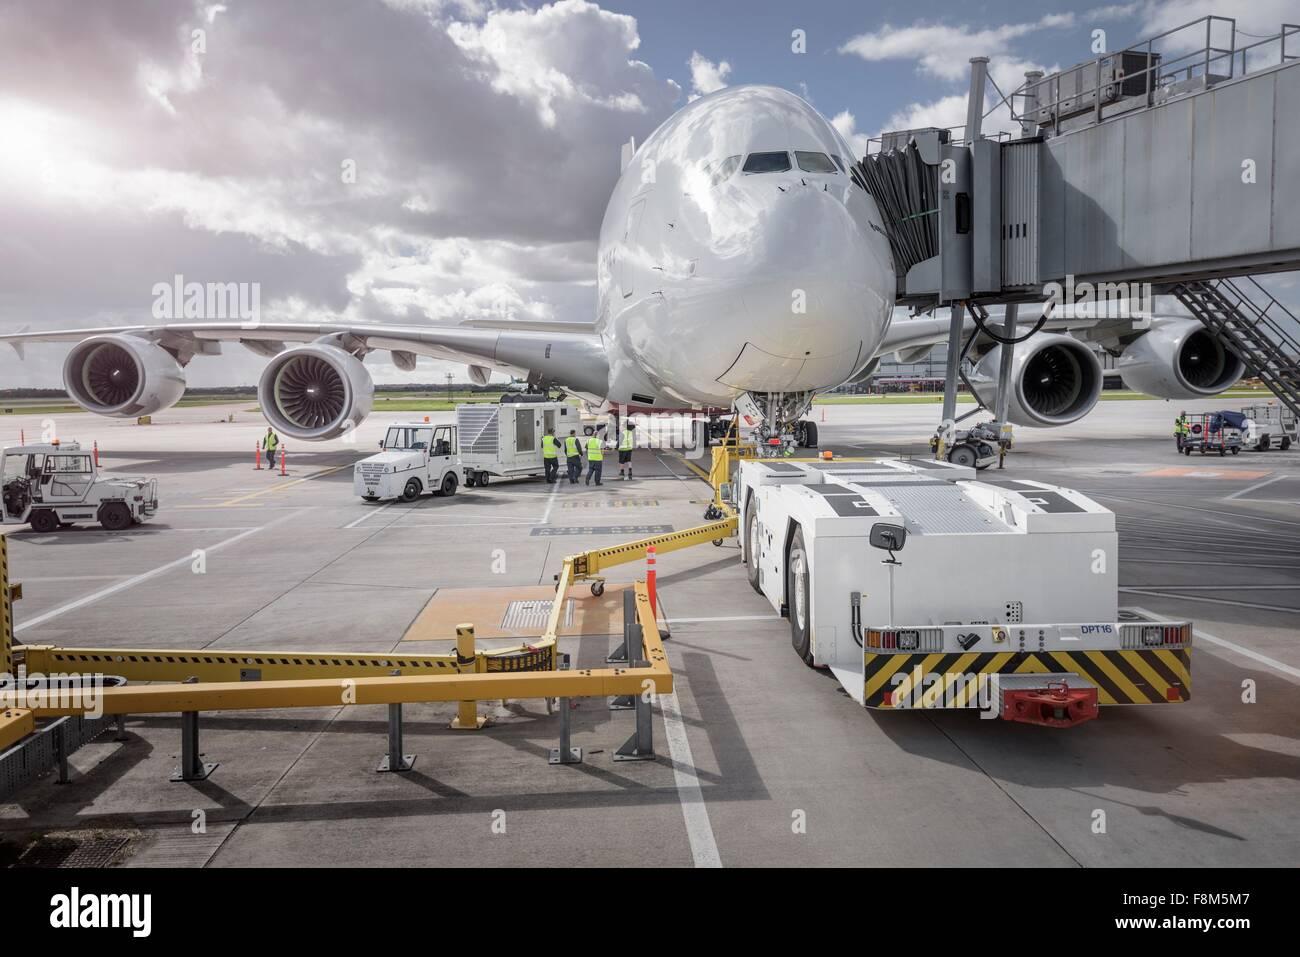 Fonctionnement de l'équipe au sol équipement de chargement sur A380 Photo Stock